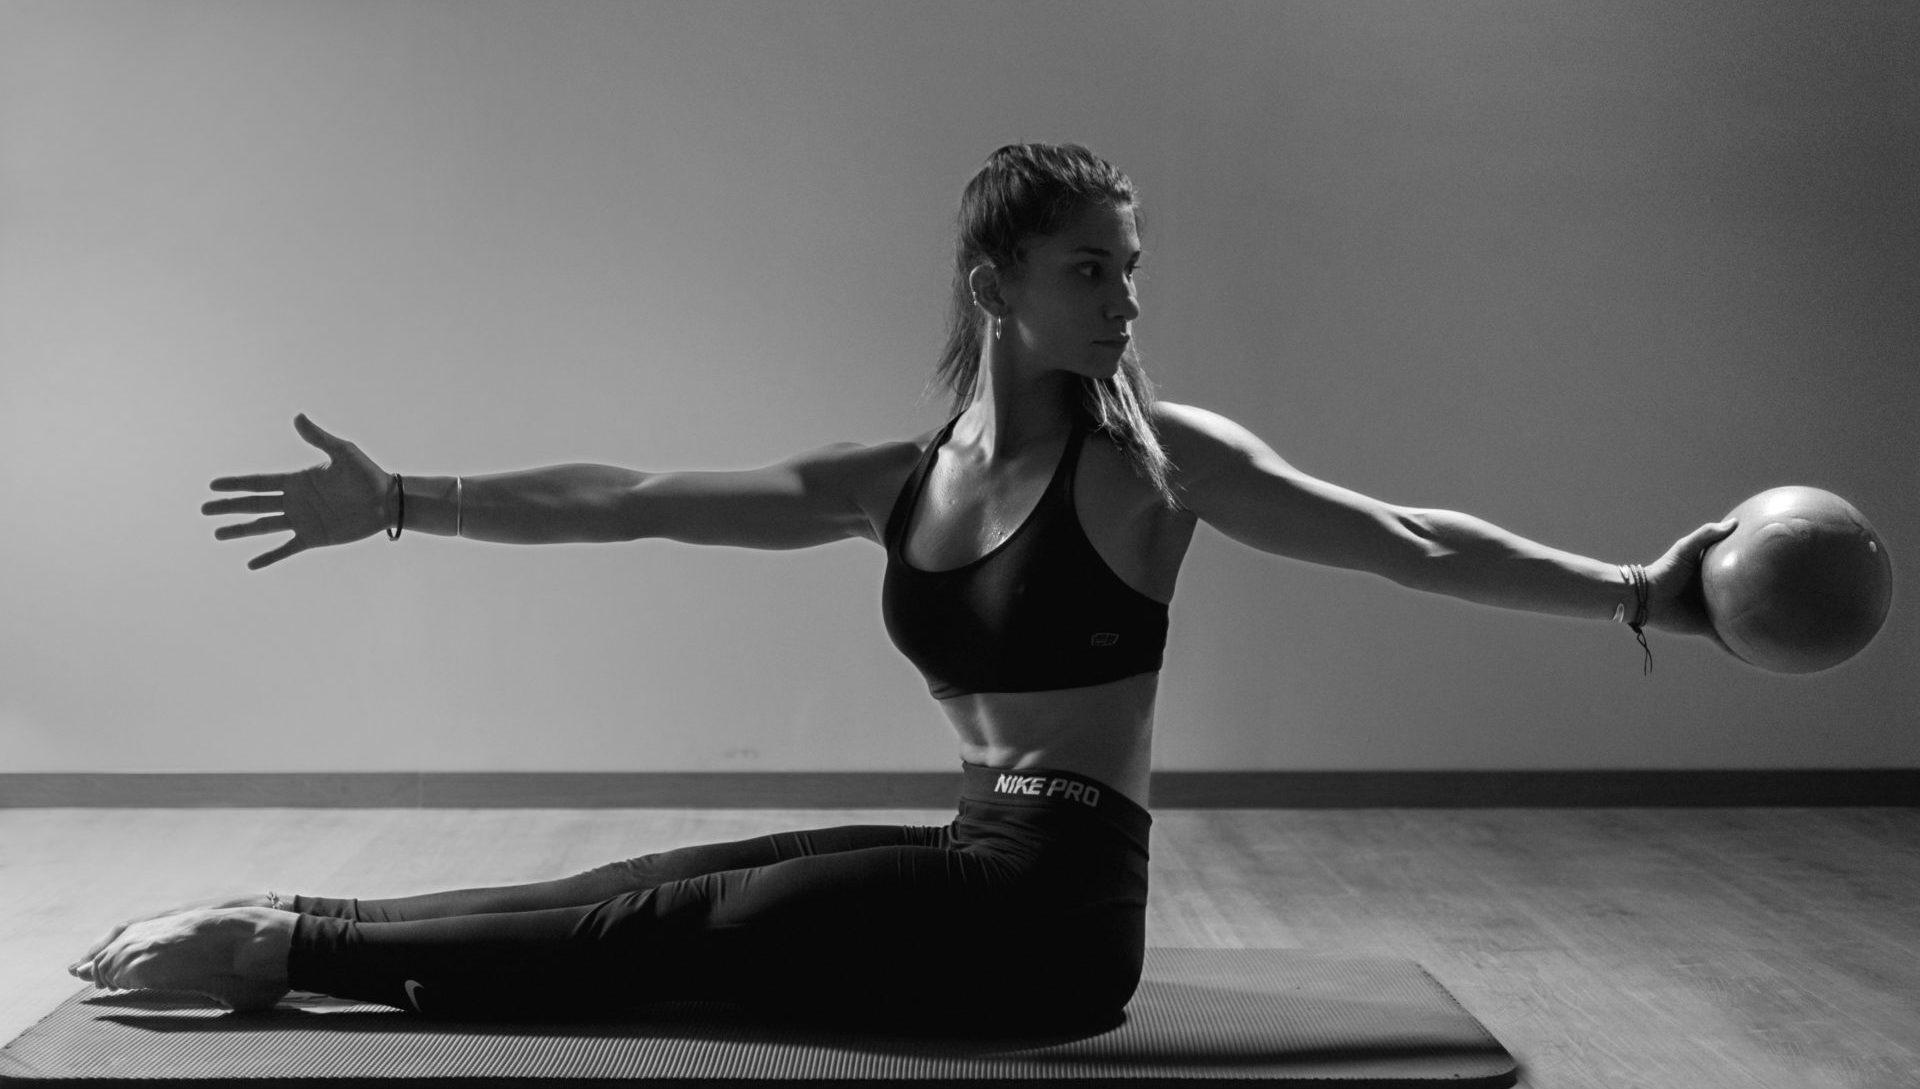 6 Βασικές αρχές του Pilates. Tα θεμέλια μιας μεθόδου που κατέκτησε τον κόσμο!